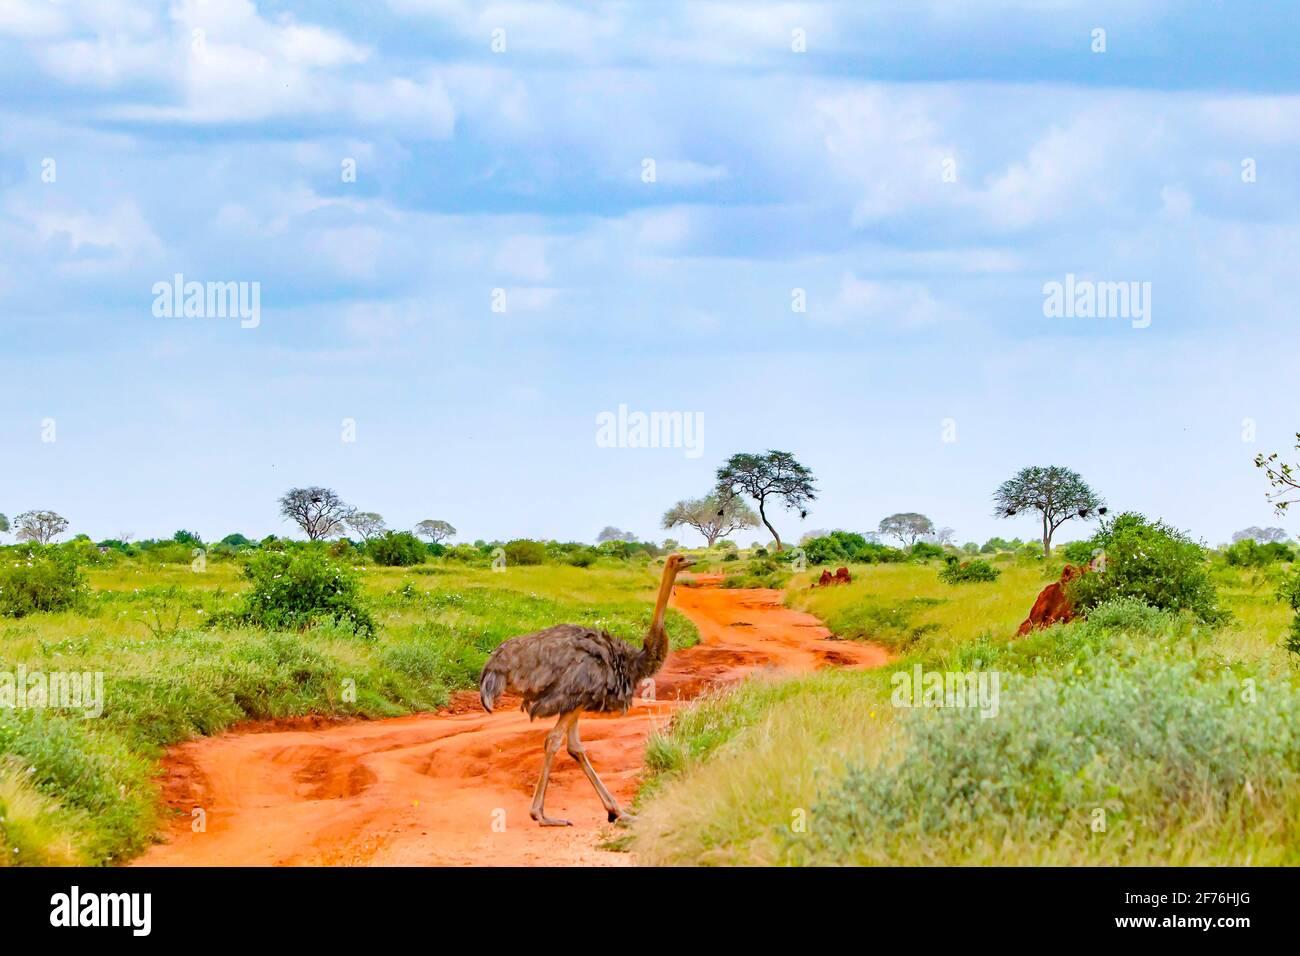 Gros plan d'un autruche se dresse sur une route de terre au milieu d'un safari à Tsavo est Kenya. C'est une photo de la faune sauvage d'Afrique. Banque D'Images